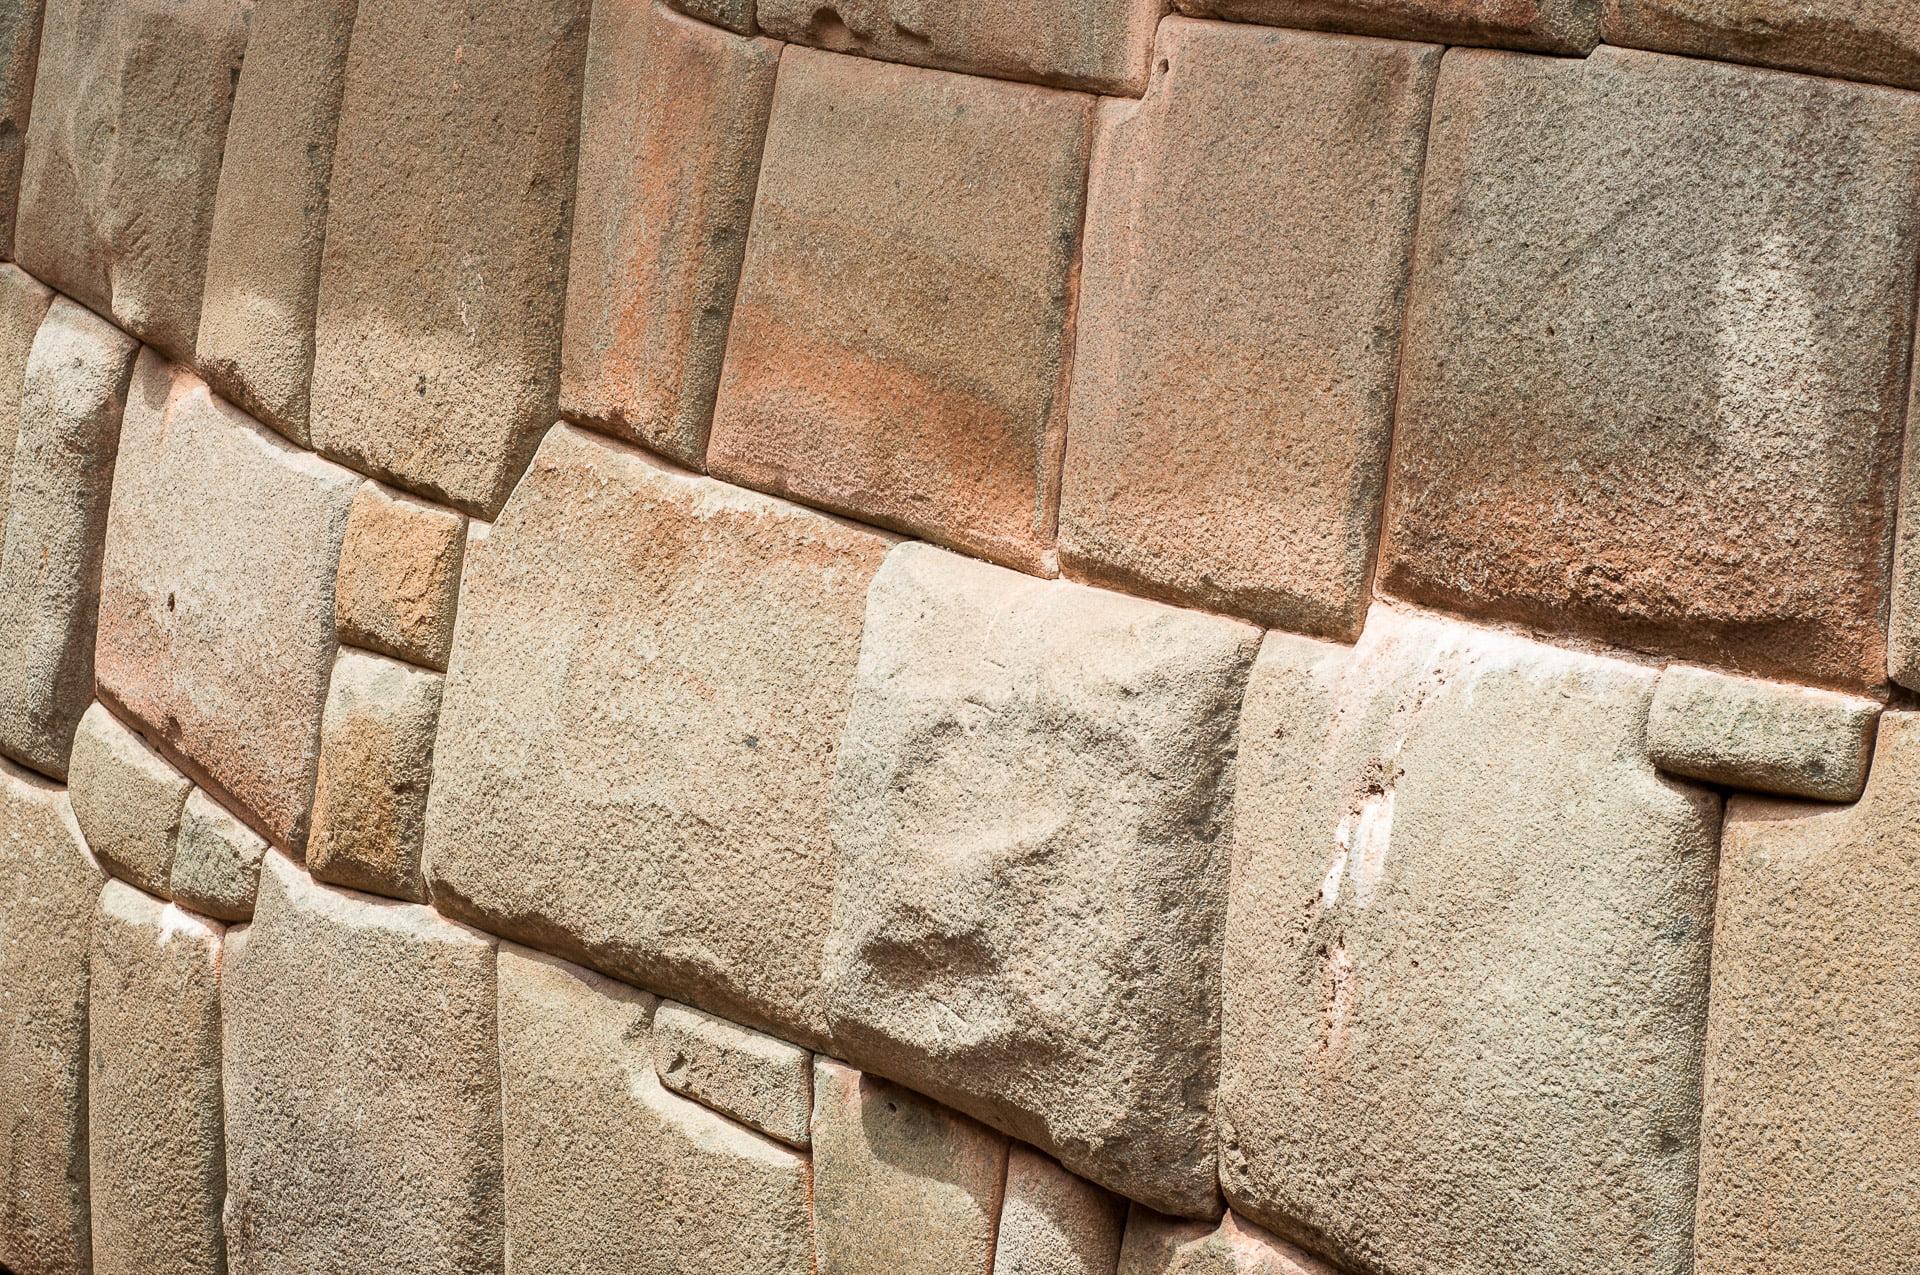 Murs incas tarabiscotés